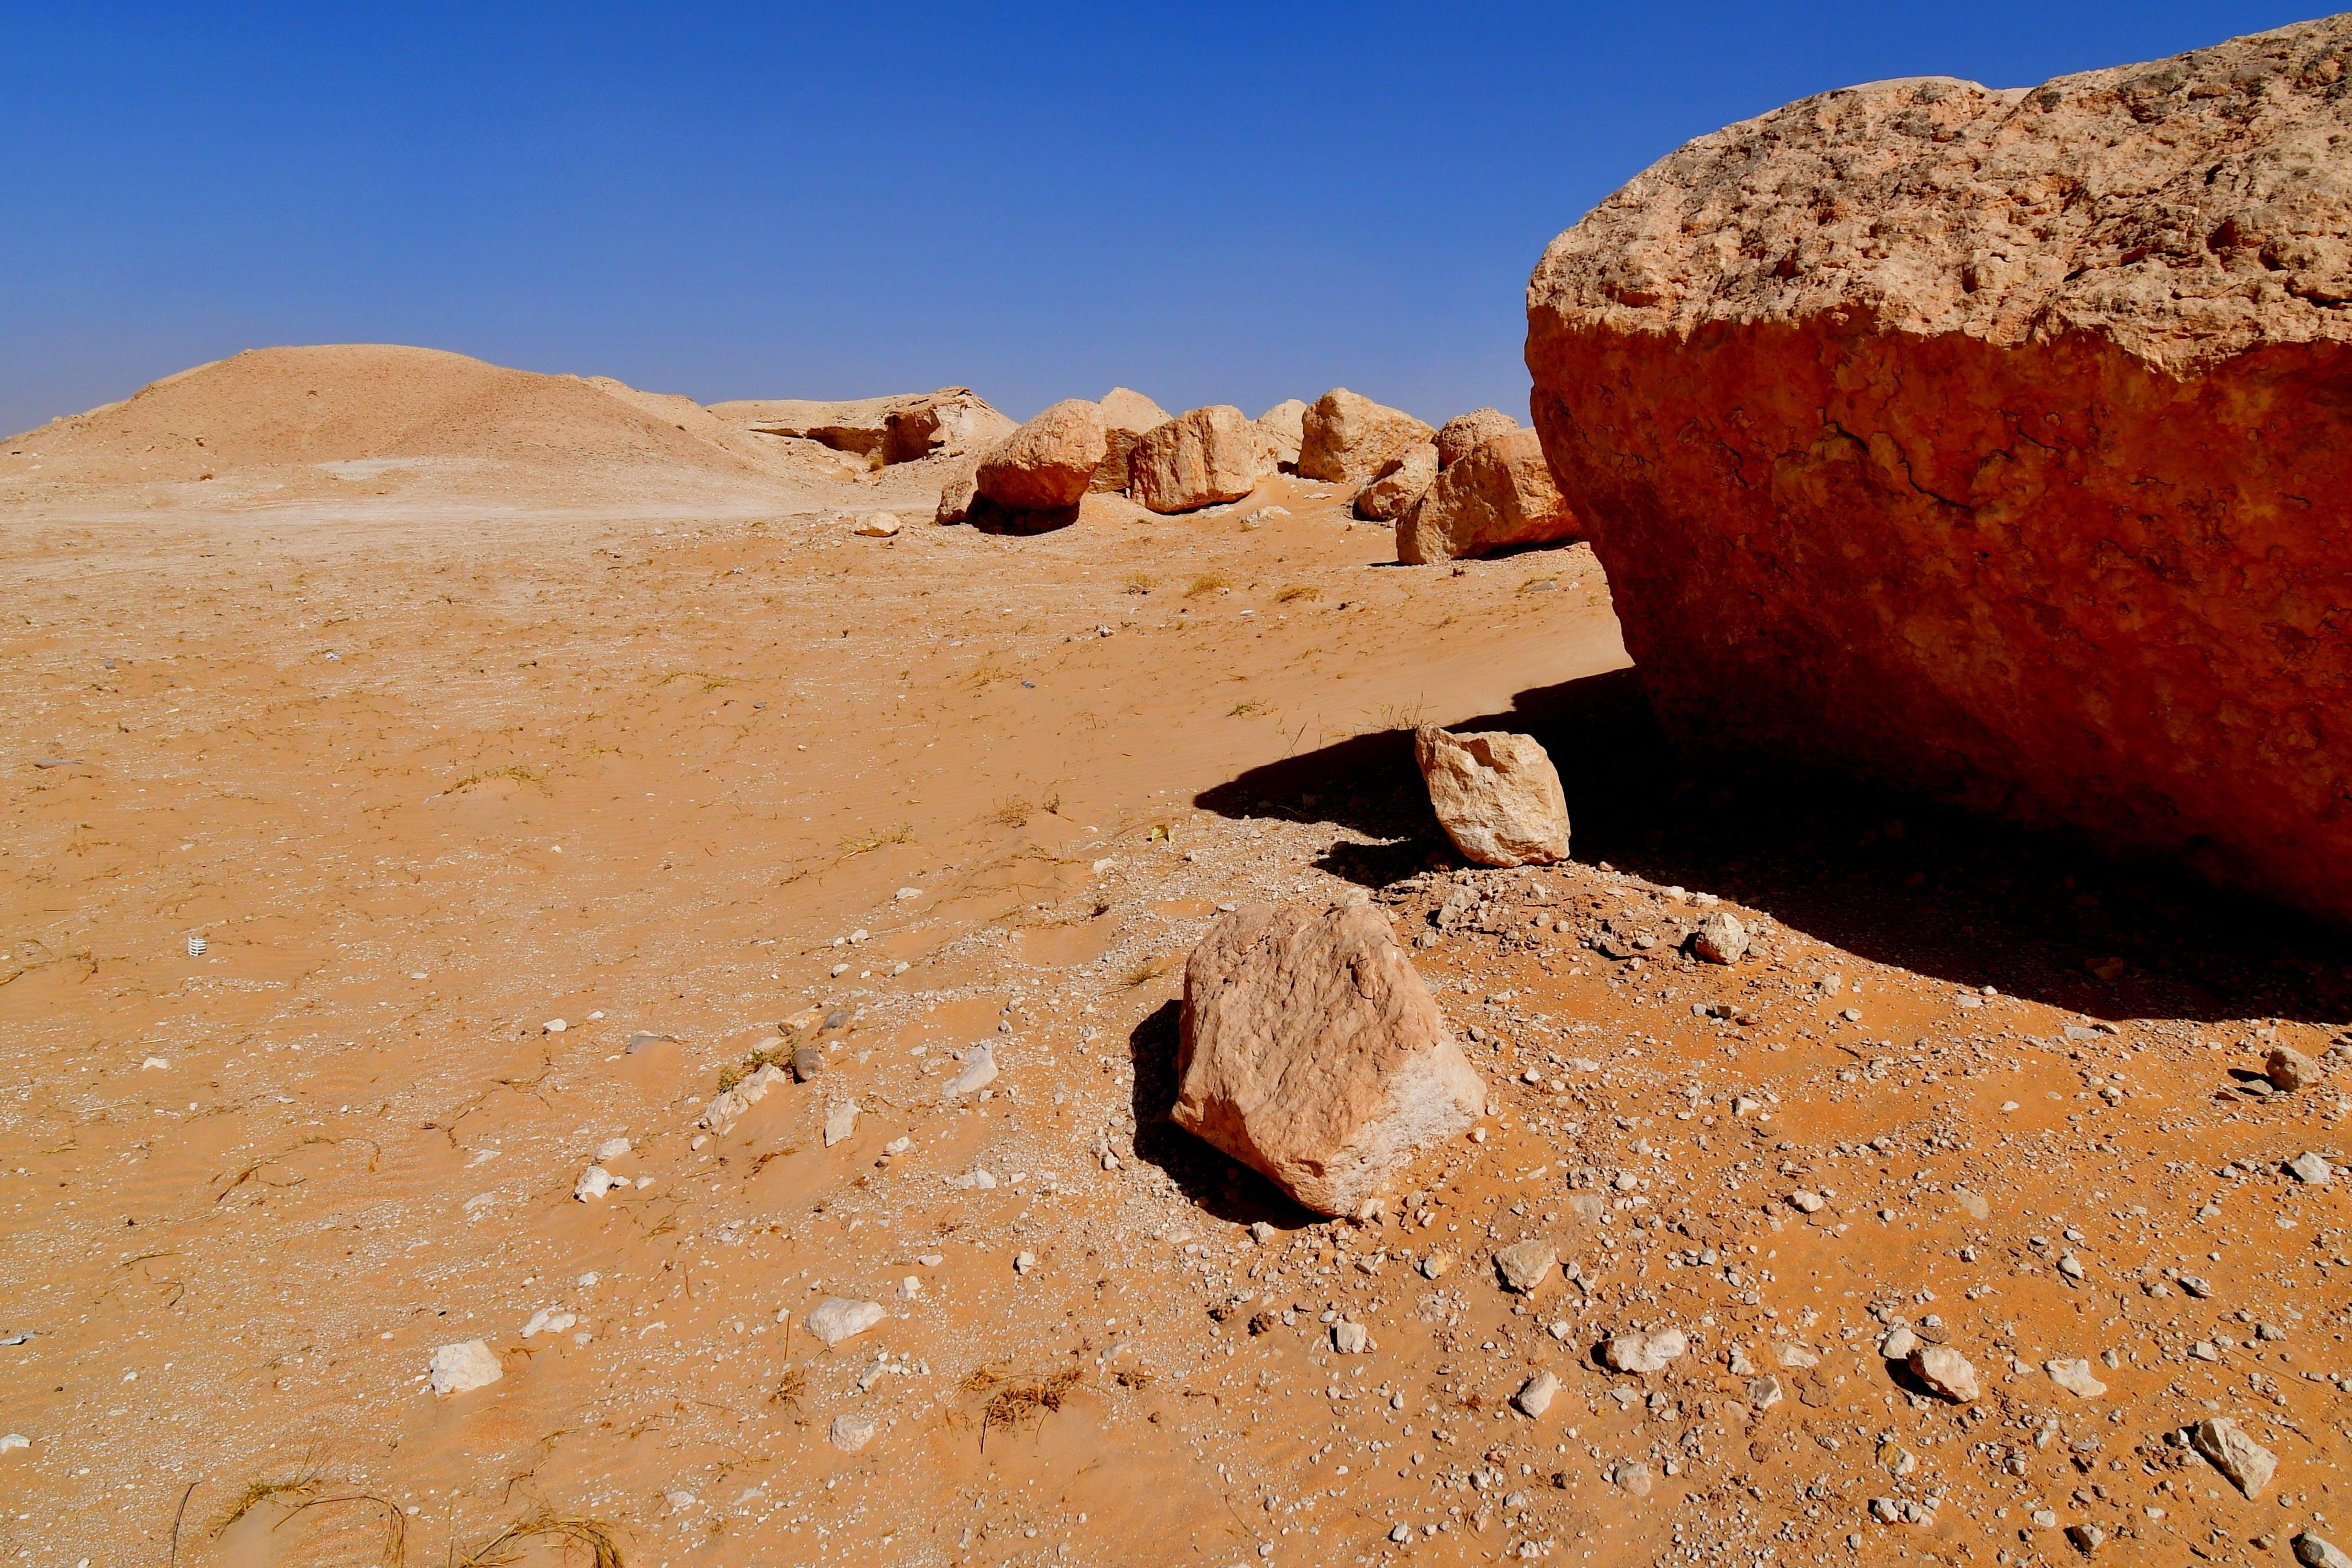 Fotos de stock gratuitas de Desierto, montaña rocosa, rocoso